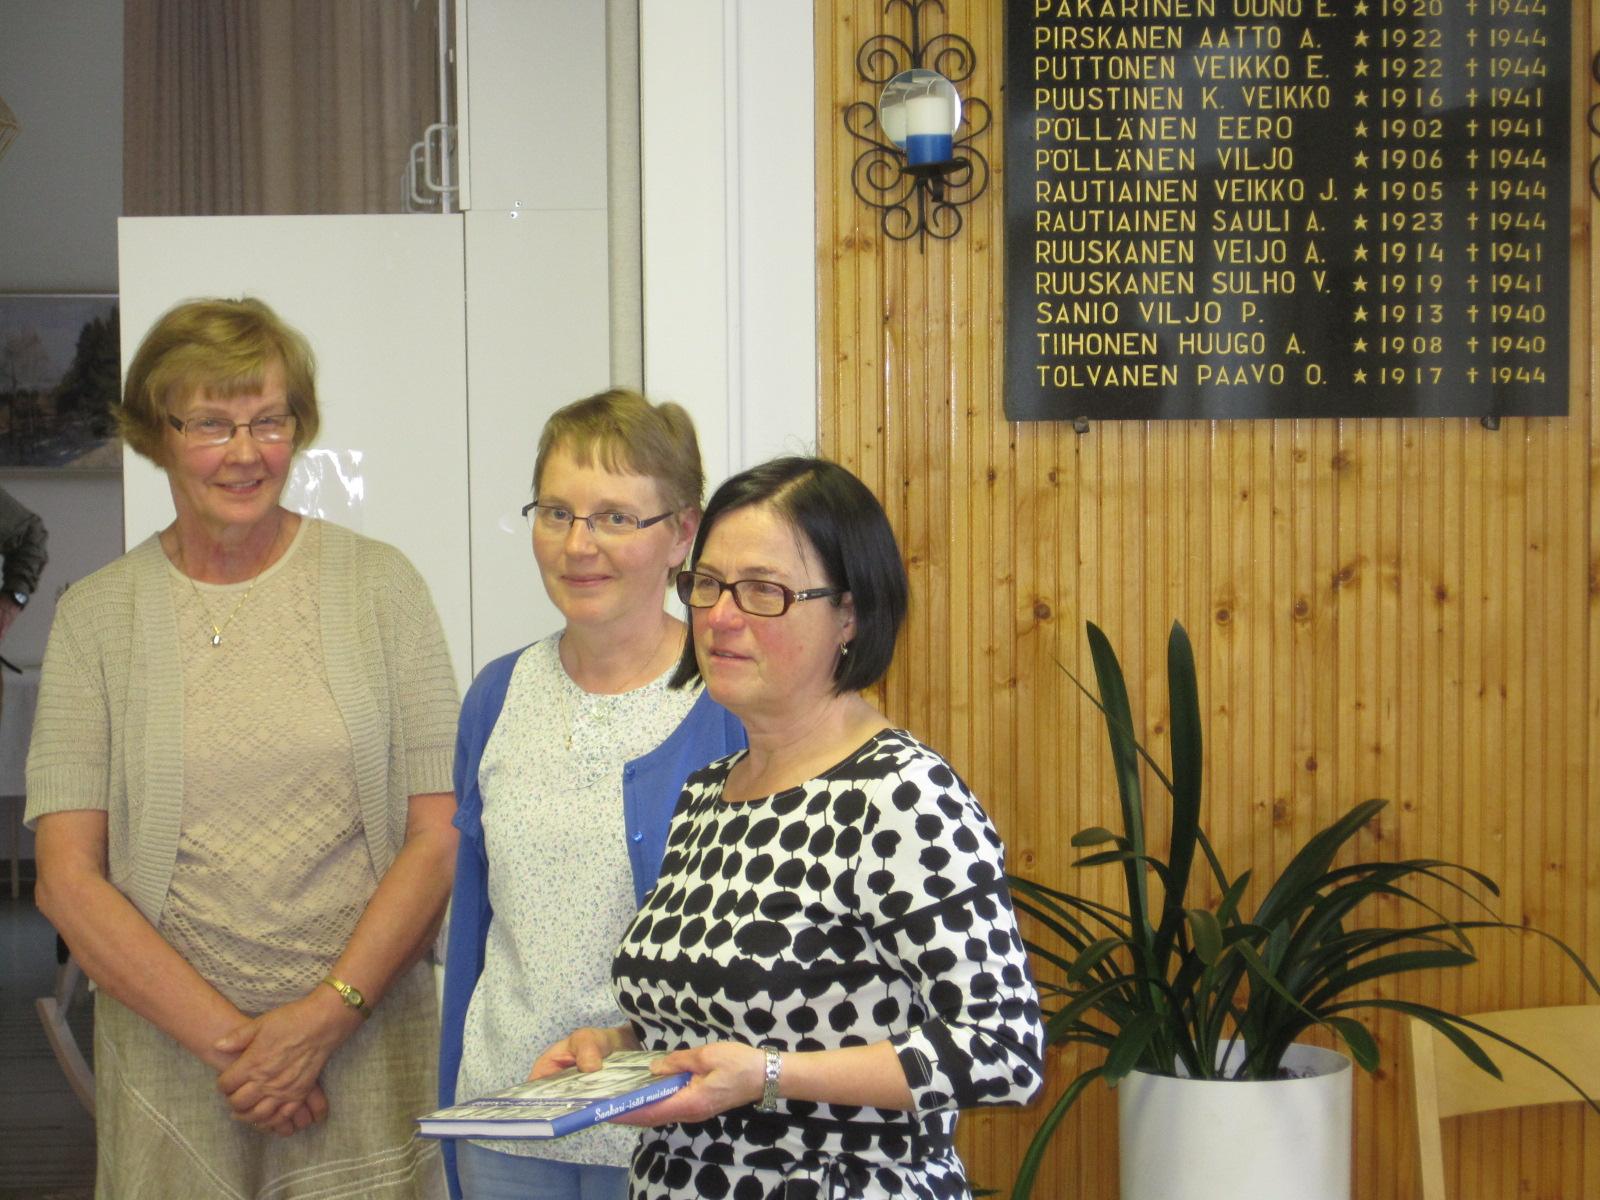 Enonkosken-luostariyhteisöä-meille-esittelivät-paikalla-ollut-henkilökunta.